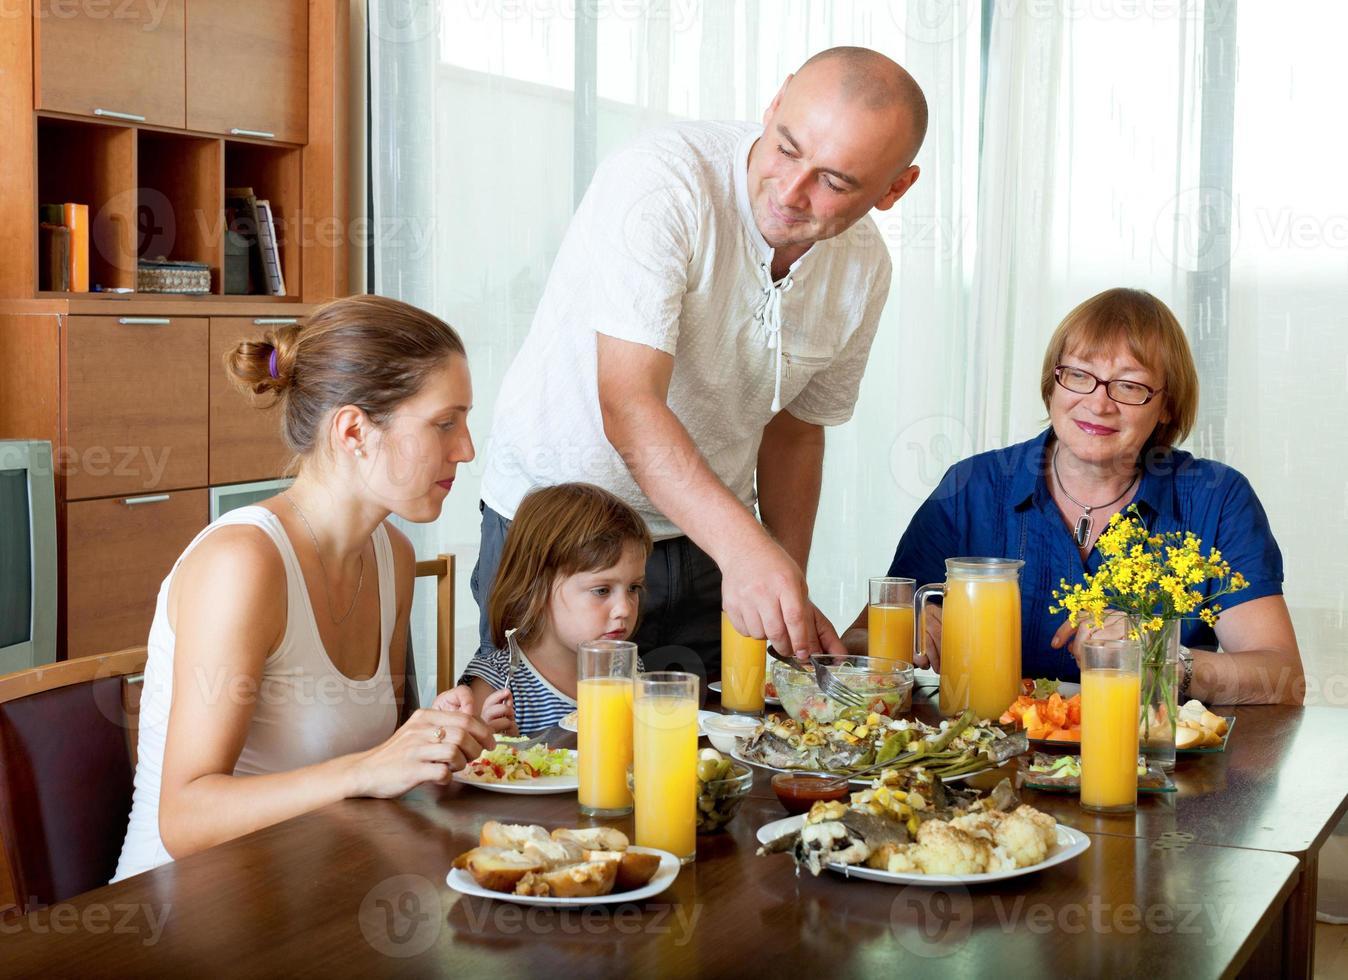 porträtt av lycklig tre generationer familj poserar tillsammans över foto